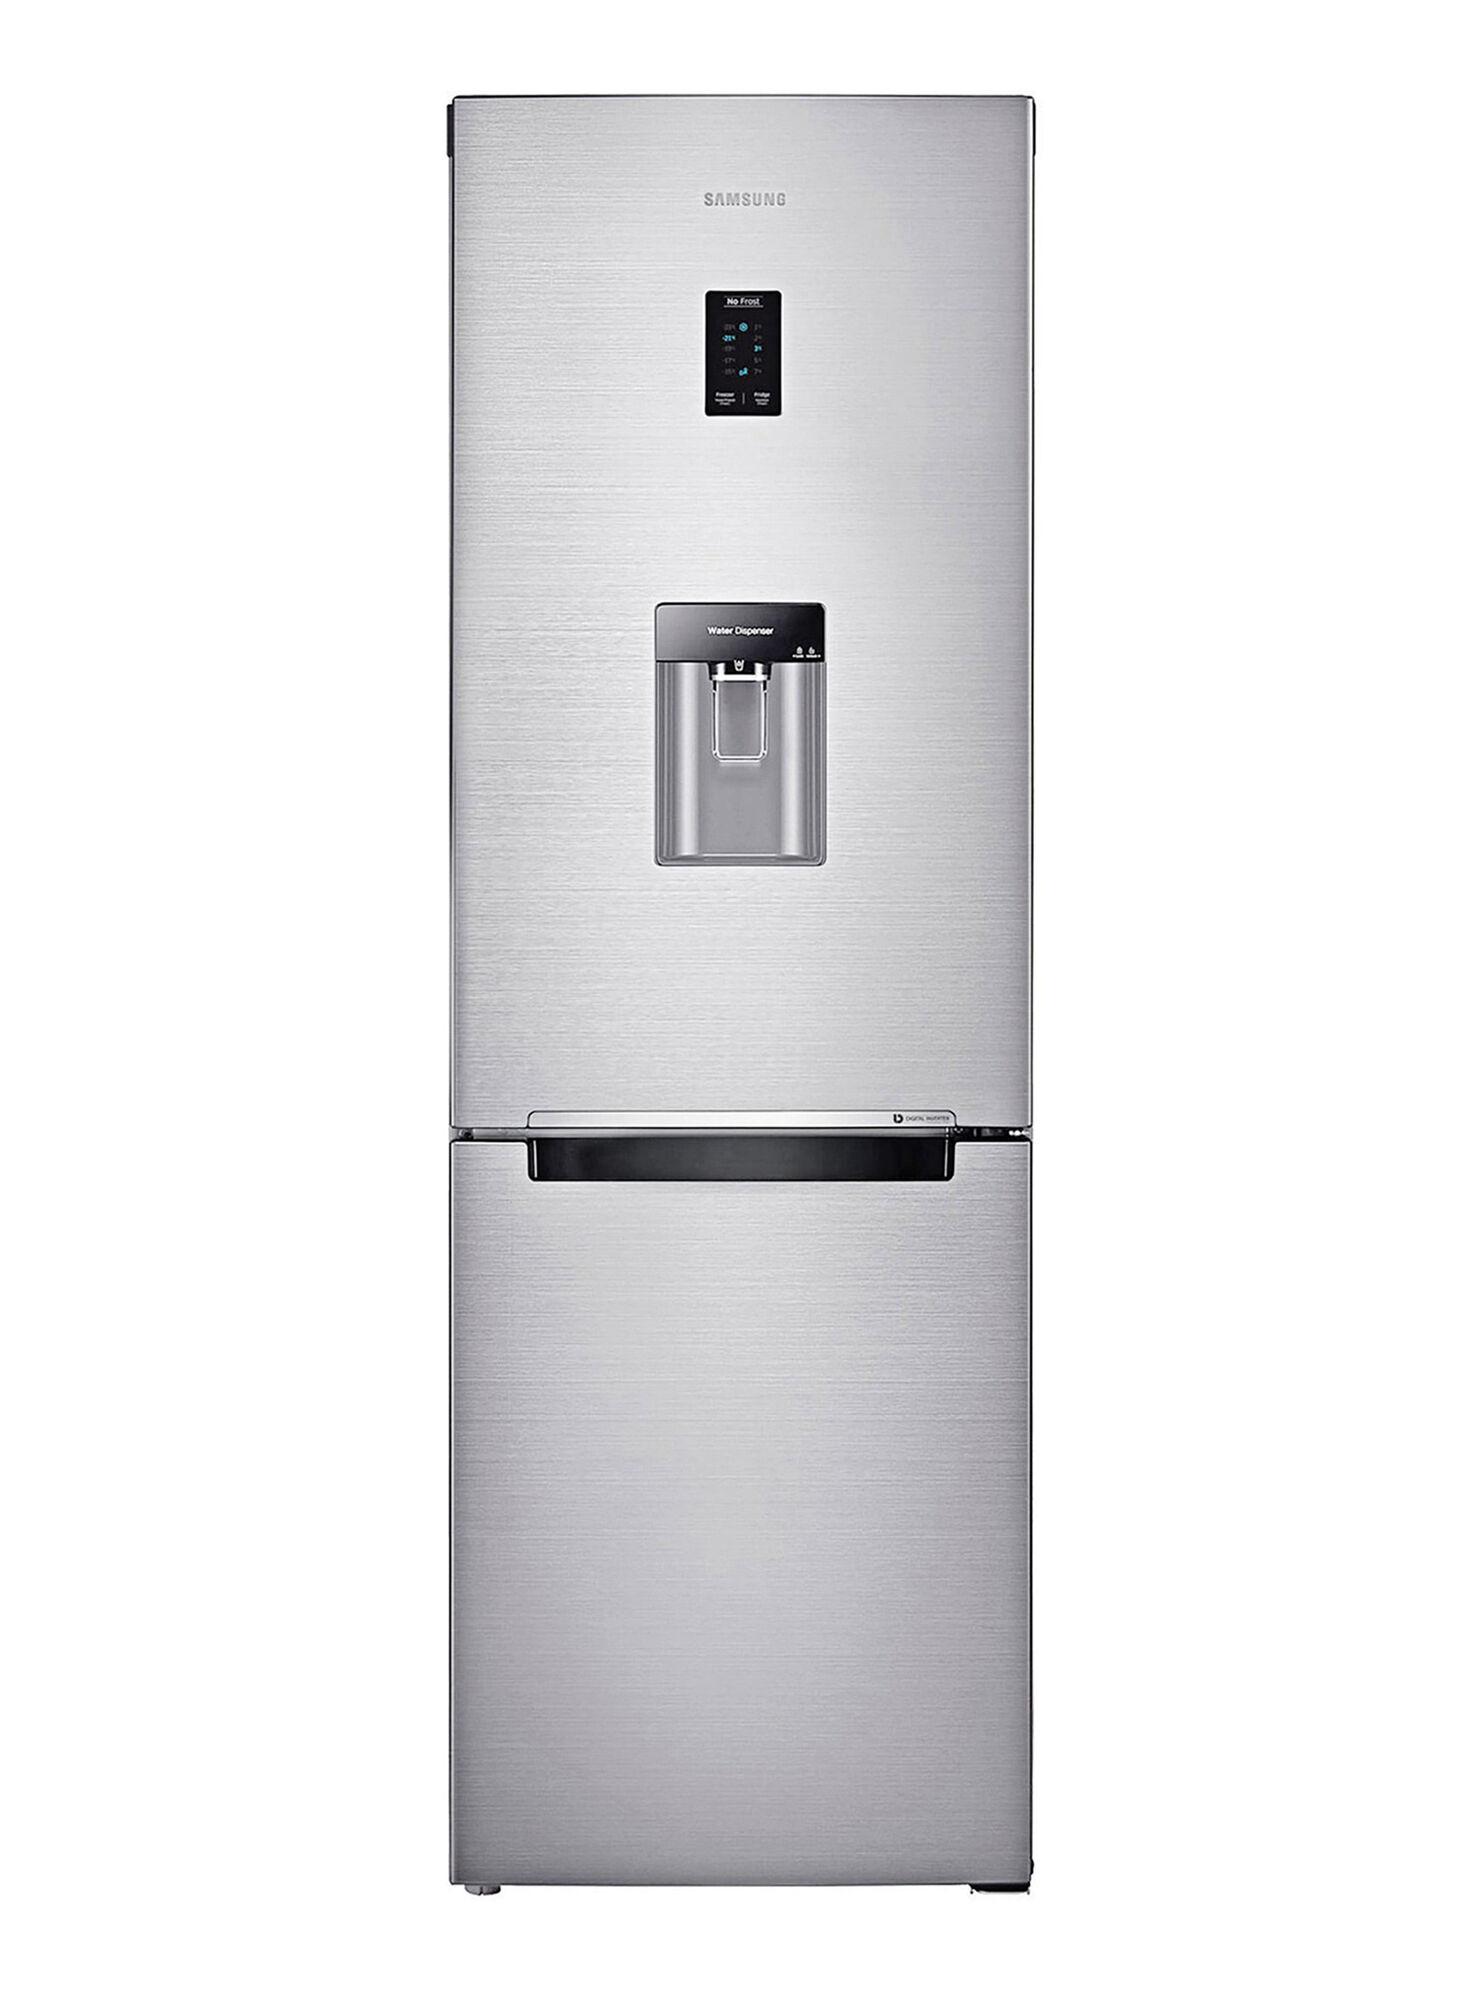 Refrigerador Samsung No Frost 321 Litros RB33J3830SS/ZS